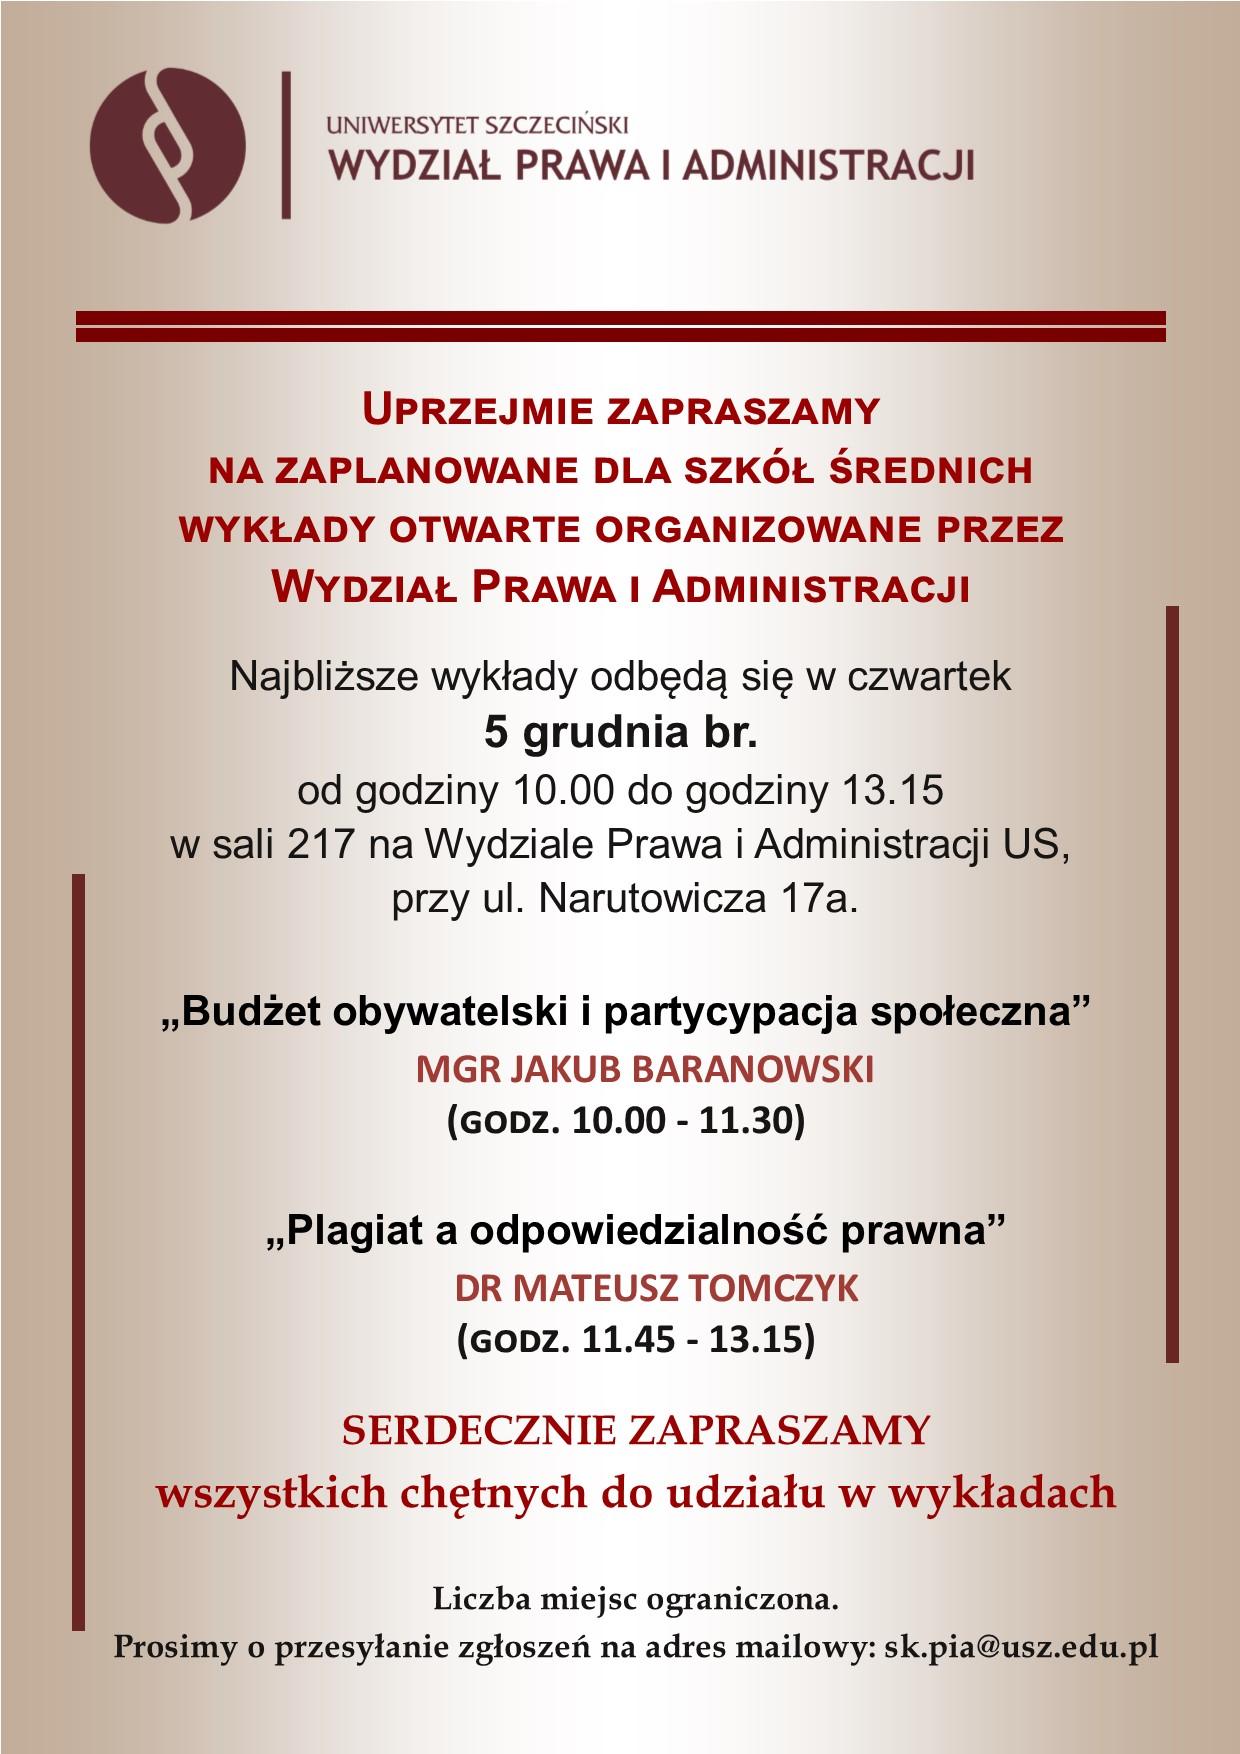 Wykłady na WPiA dla szkół średnich – 5 grudnia br. (czwartek, g. 10.00 – 13.15)